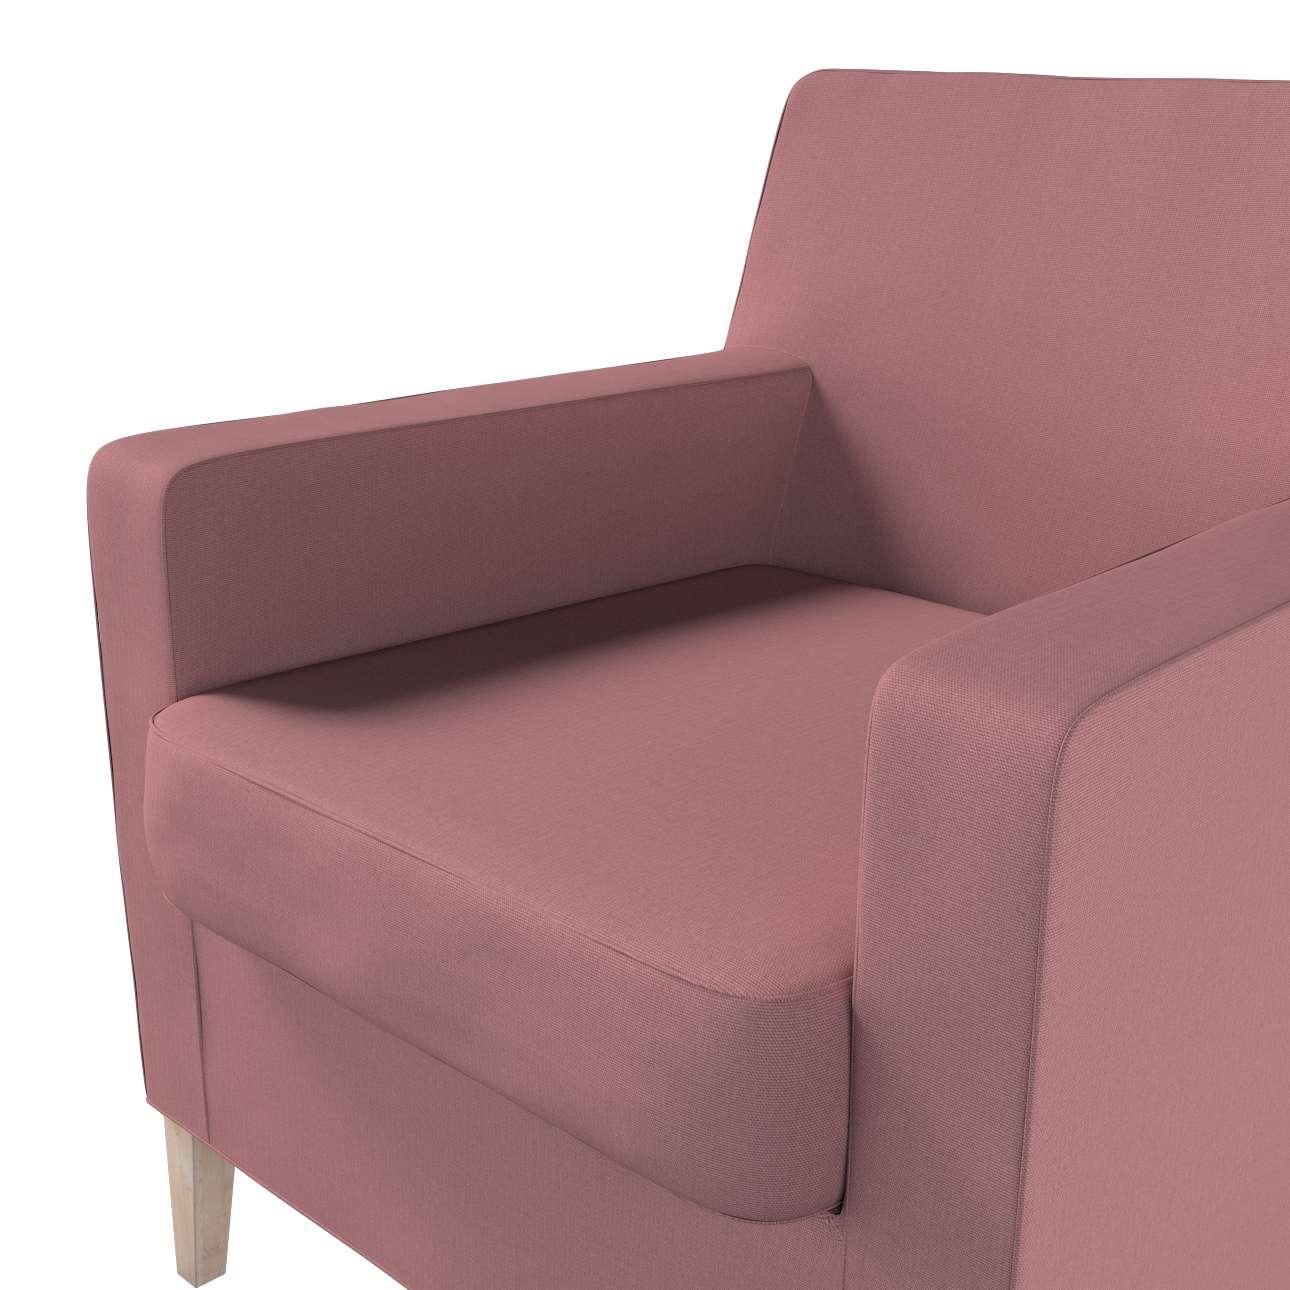 Pokrowiec na fotel Karlstad w kolekcji Cotton Panama, tkanina: 702-43